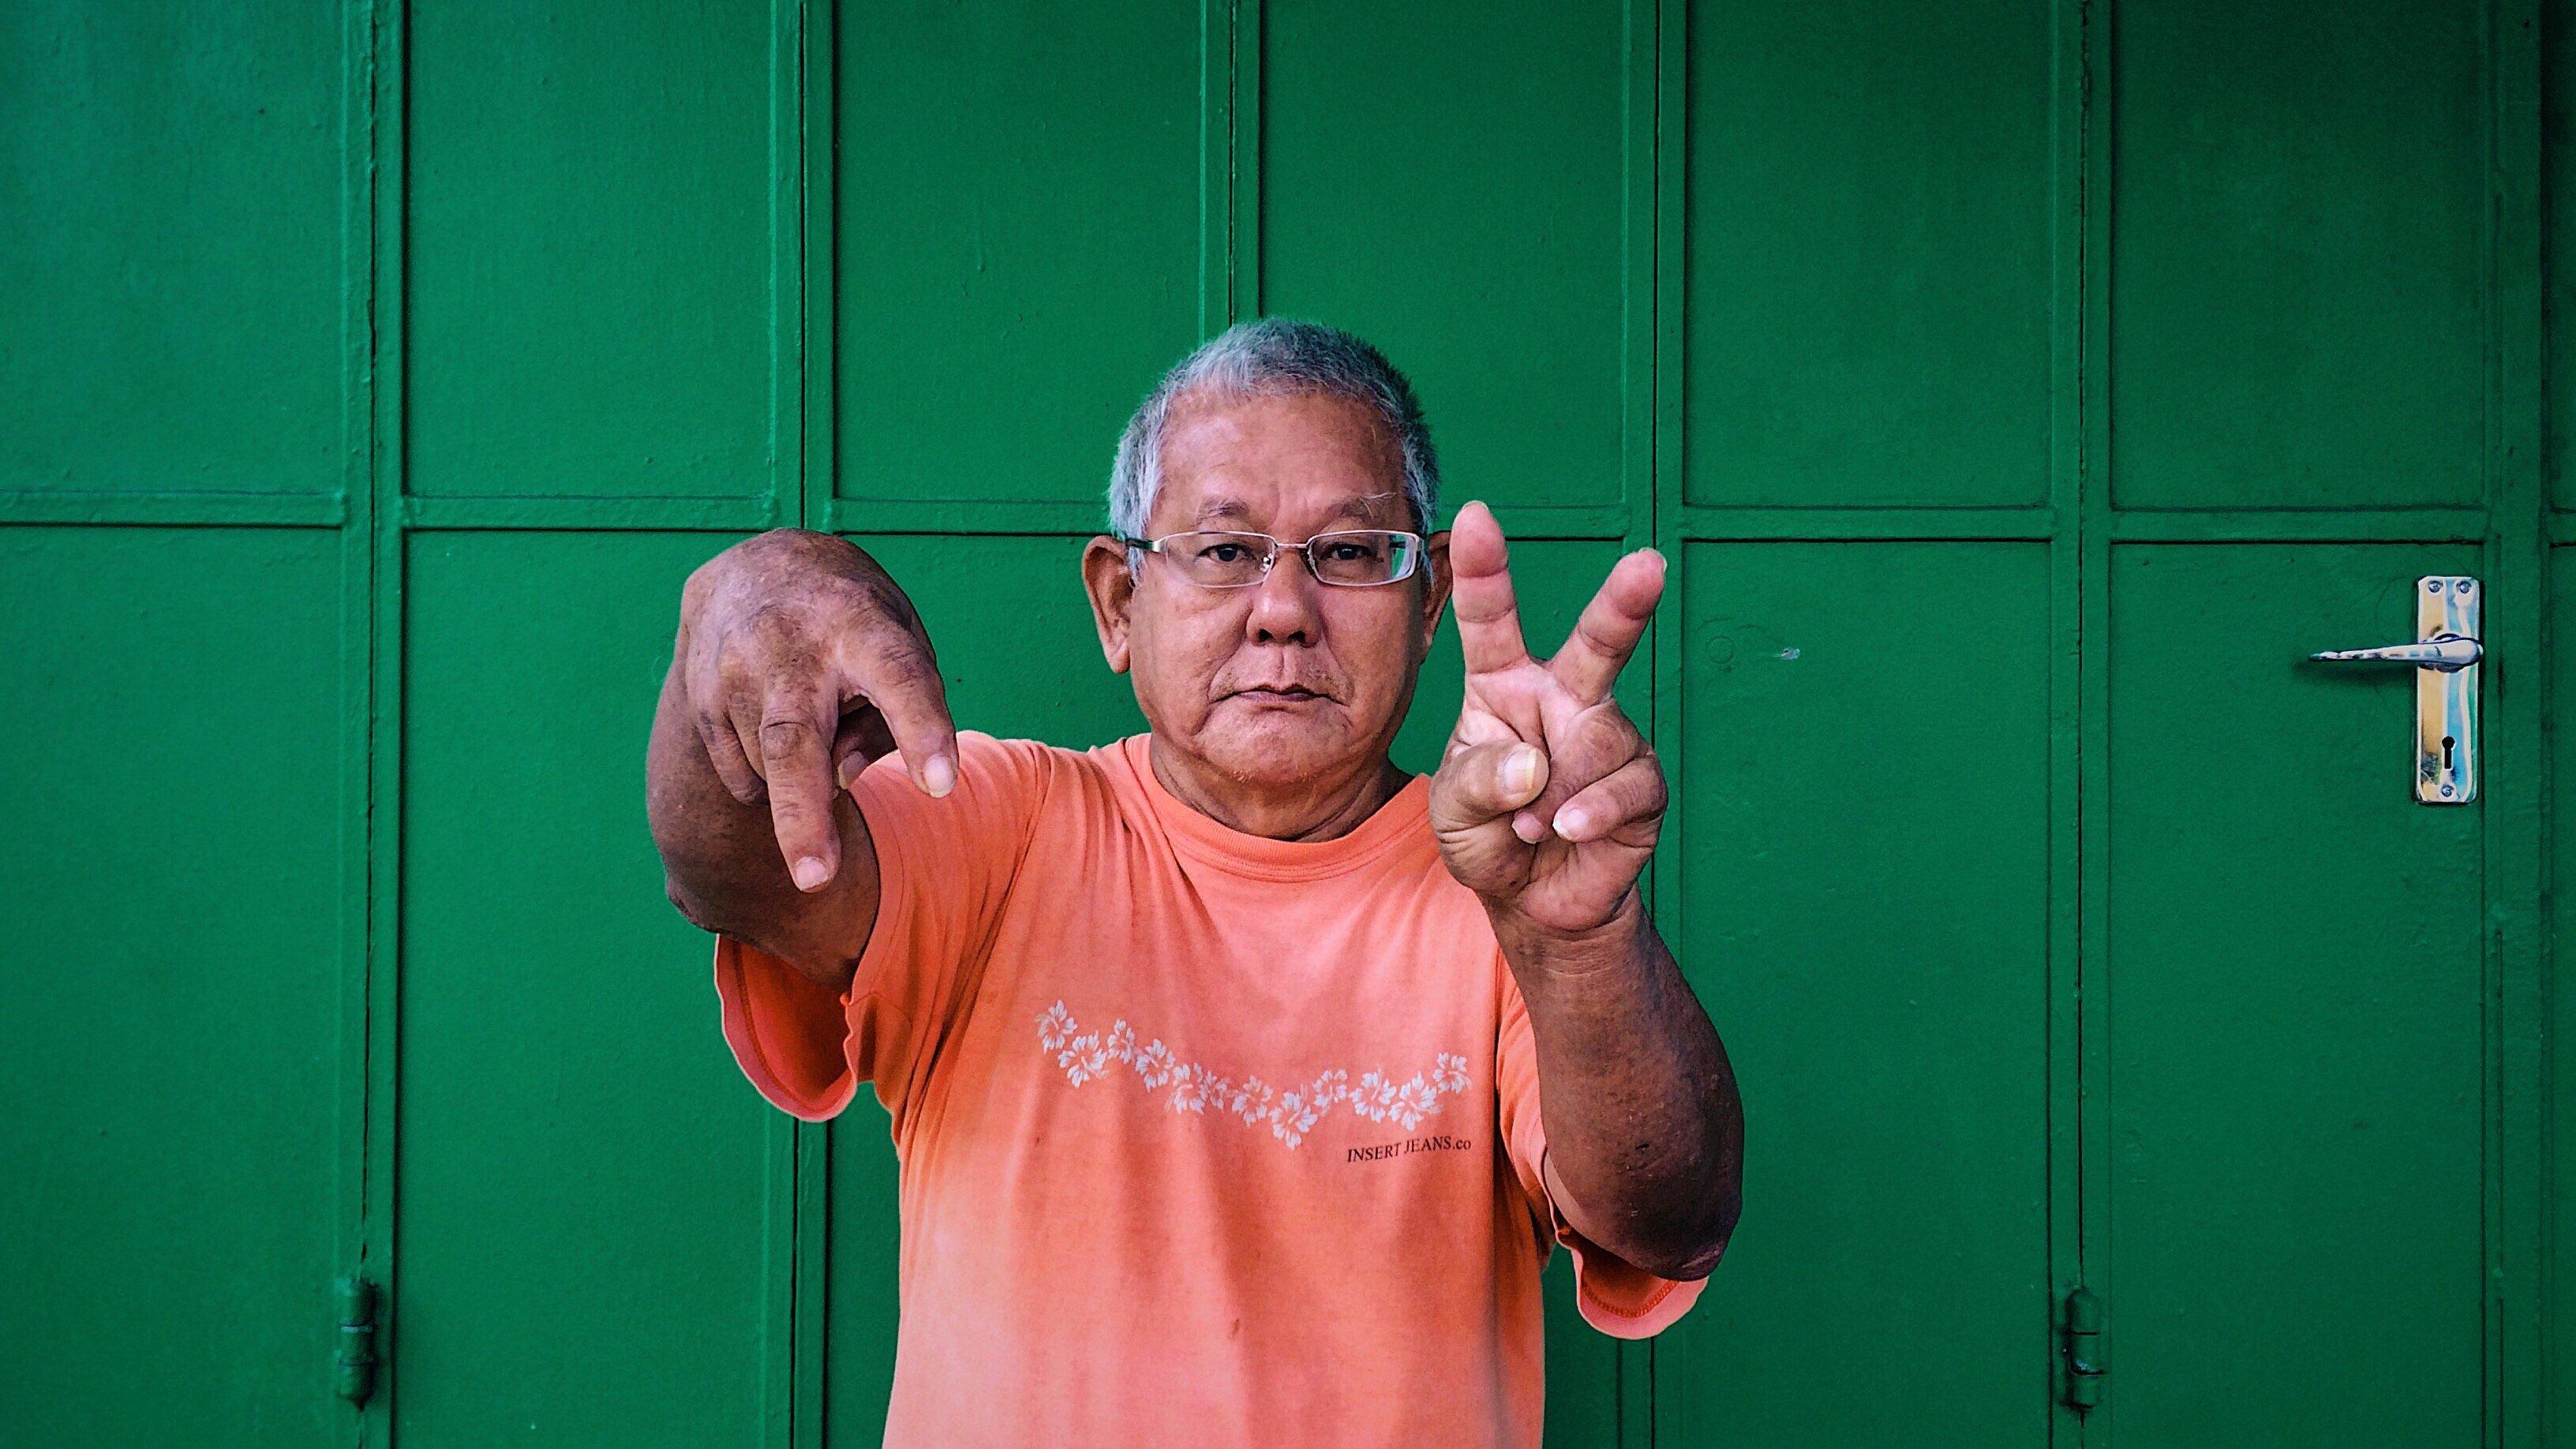 homem fazendo símbolo de paz e amor com as mãos